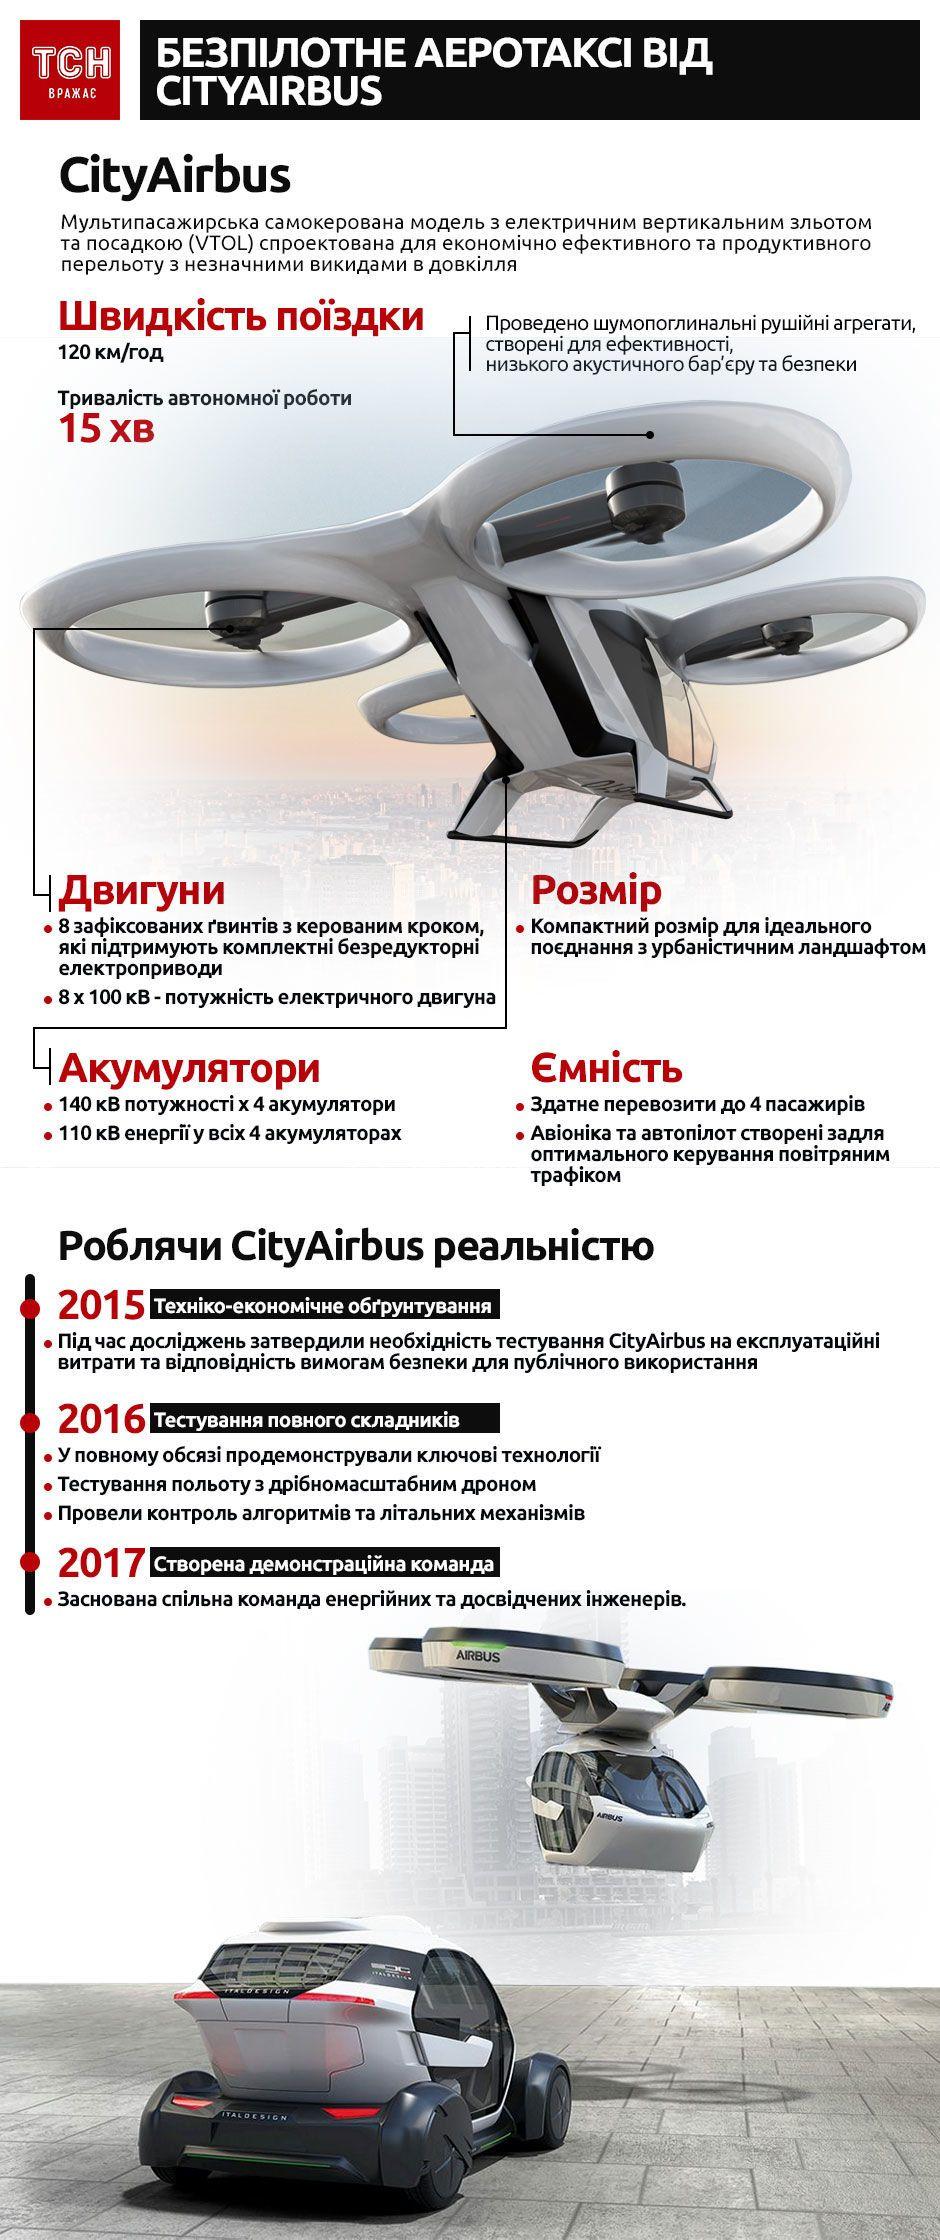 CityAirBus, інфографіка